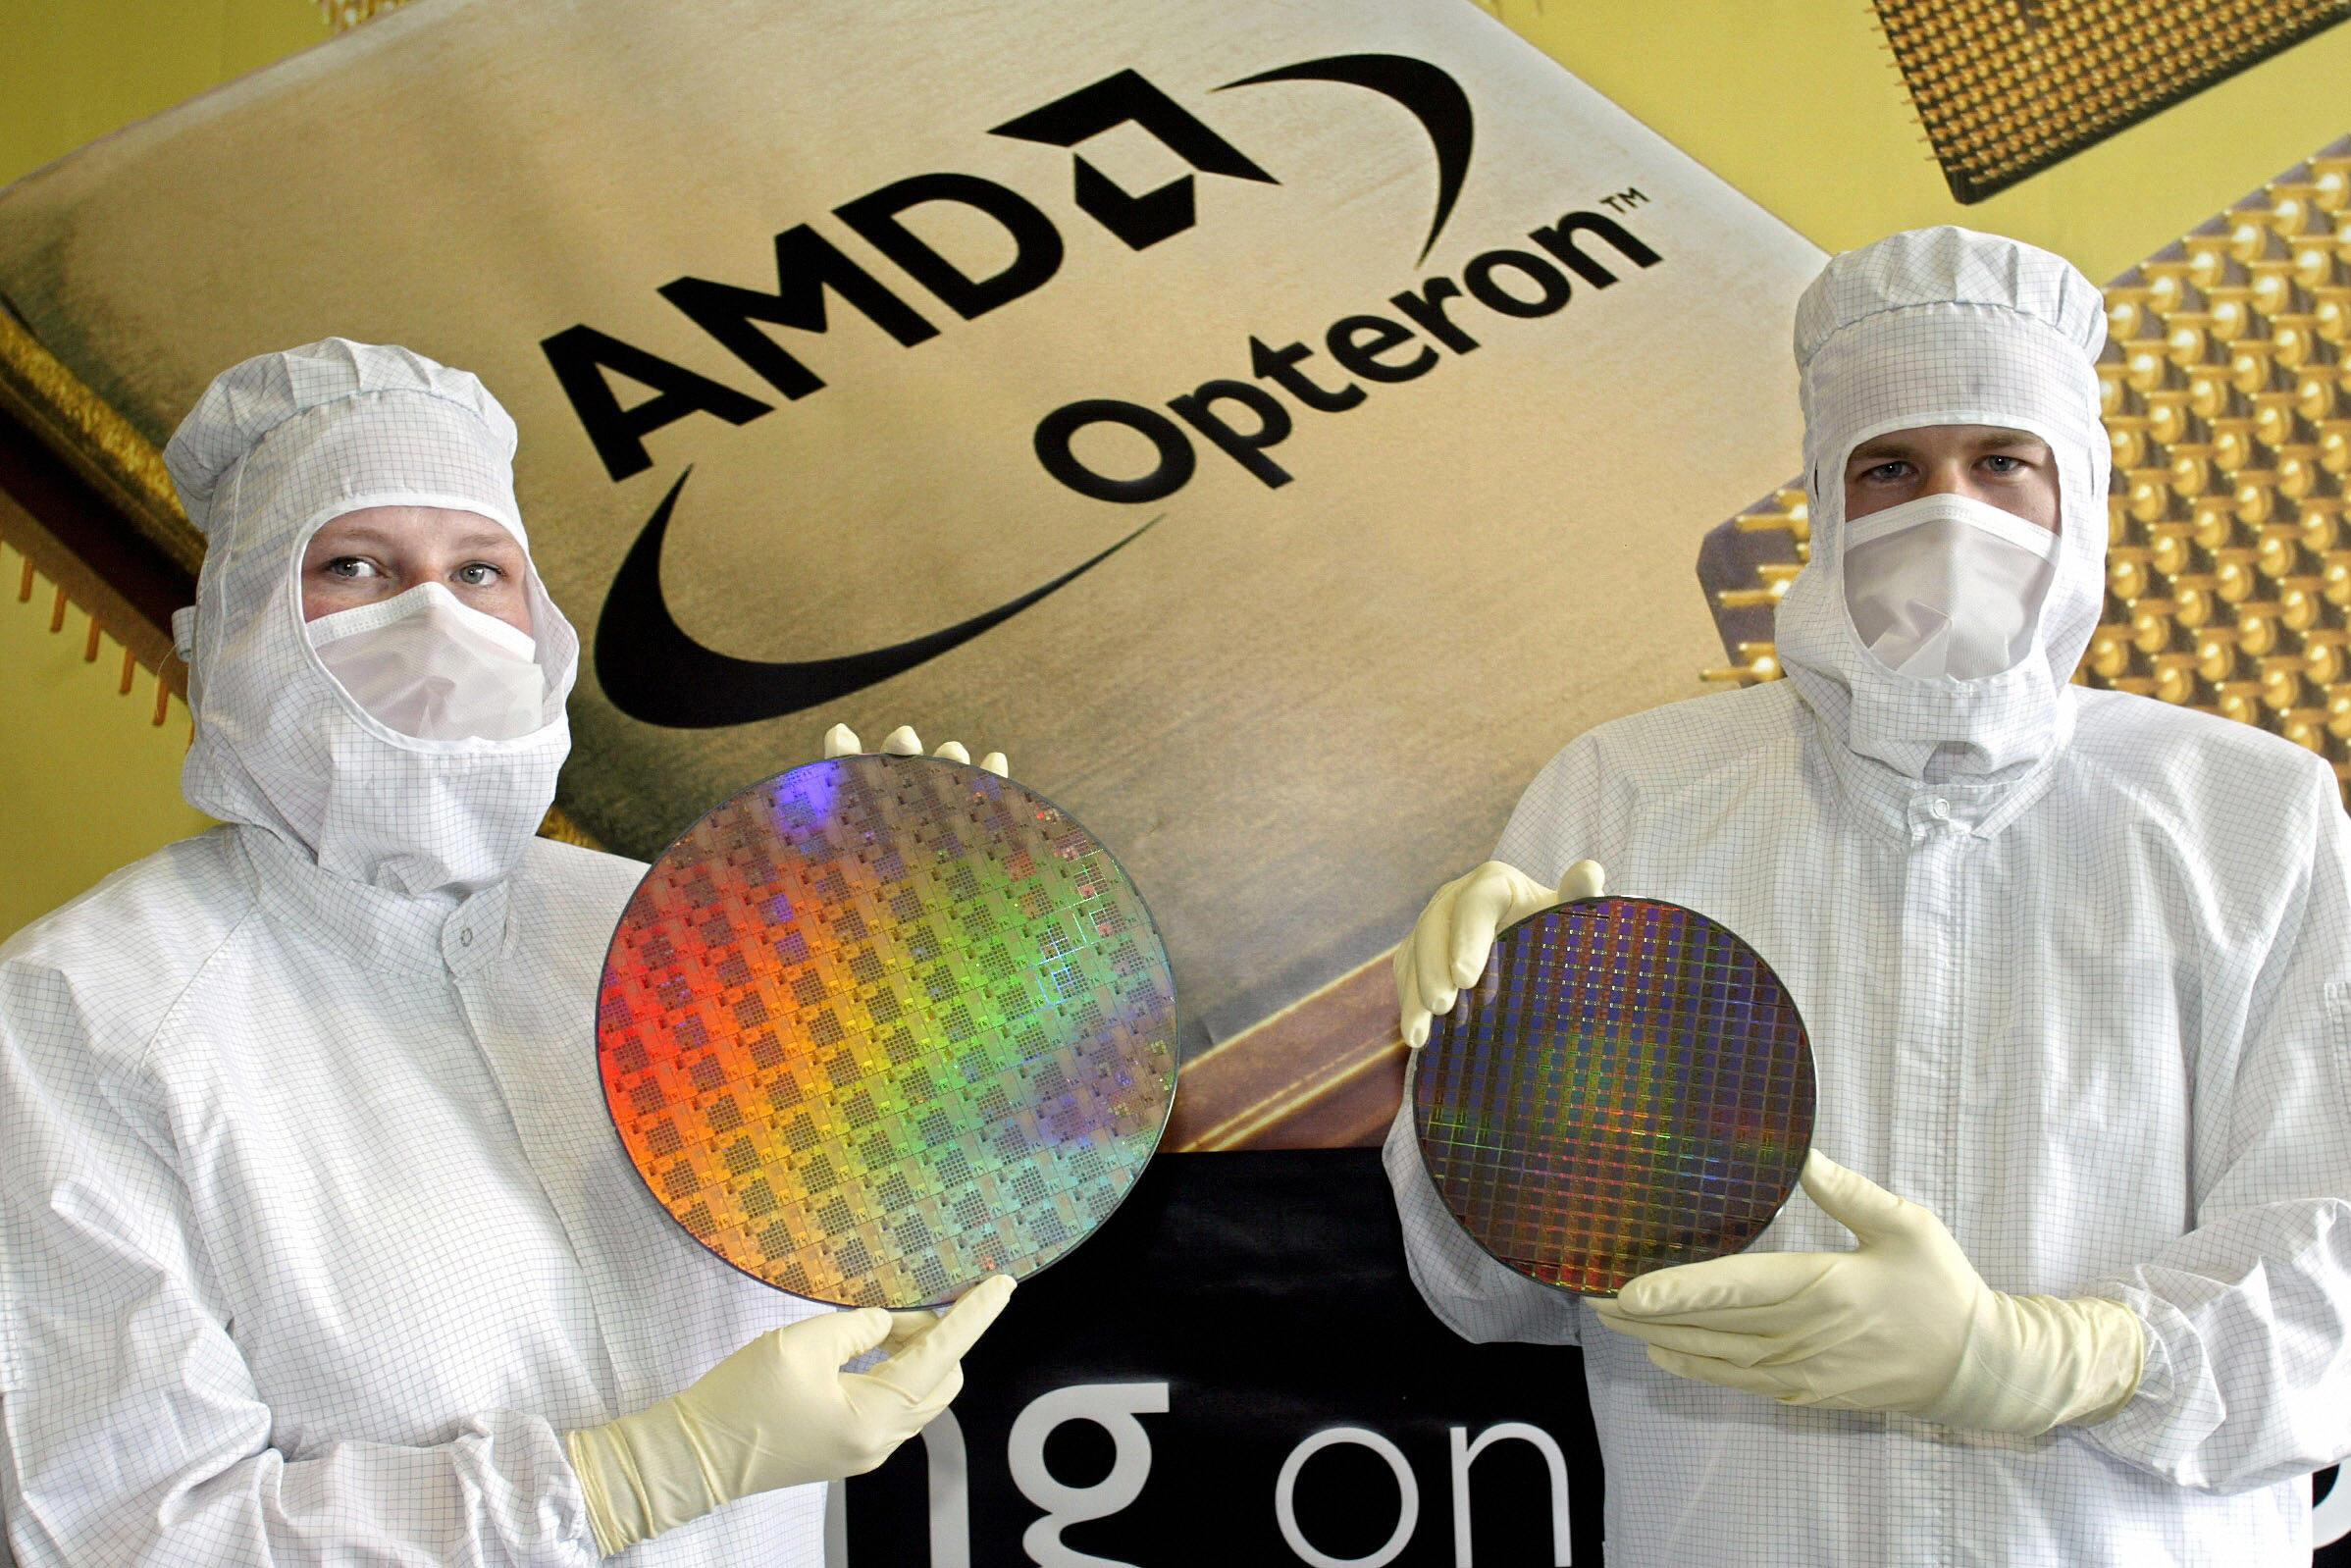 避科技戰?美晶片大廠停止技術轉讓給中企